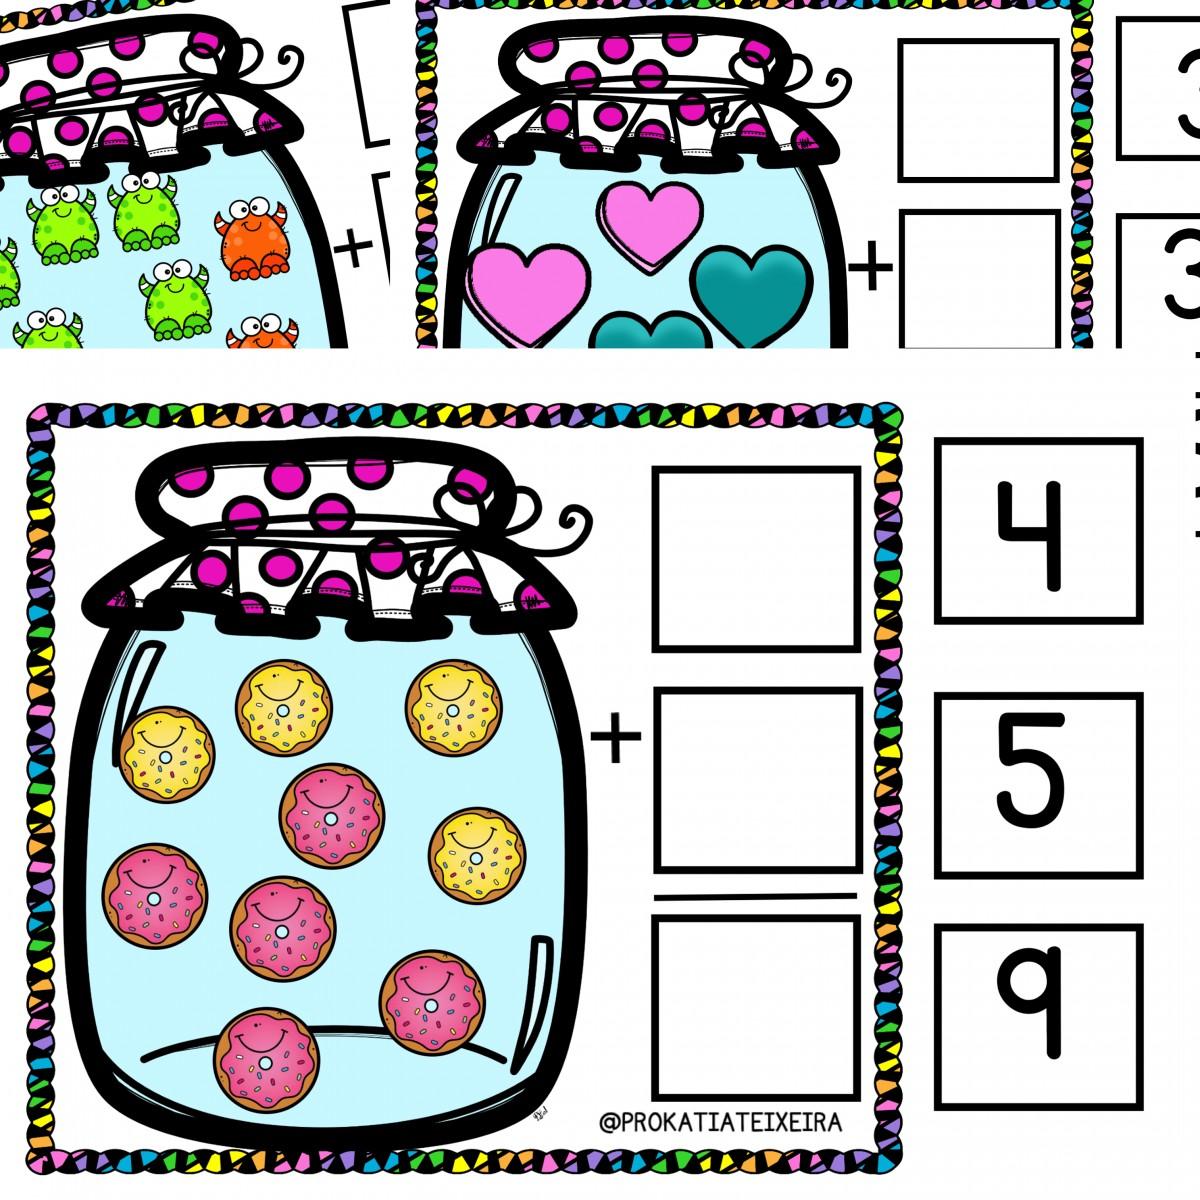 Imagem do produto Jogo adição 1 a 9 tabuada simplificada com 55 fichas. Atividades de adição para autistas